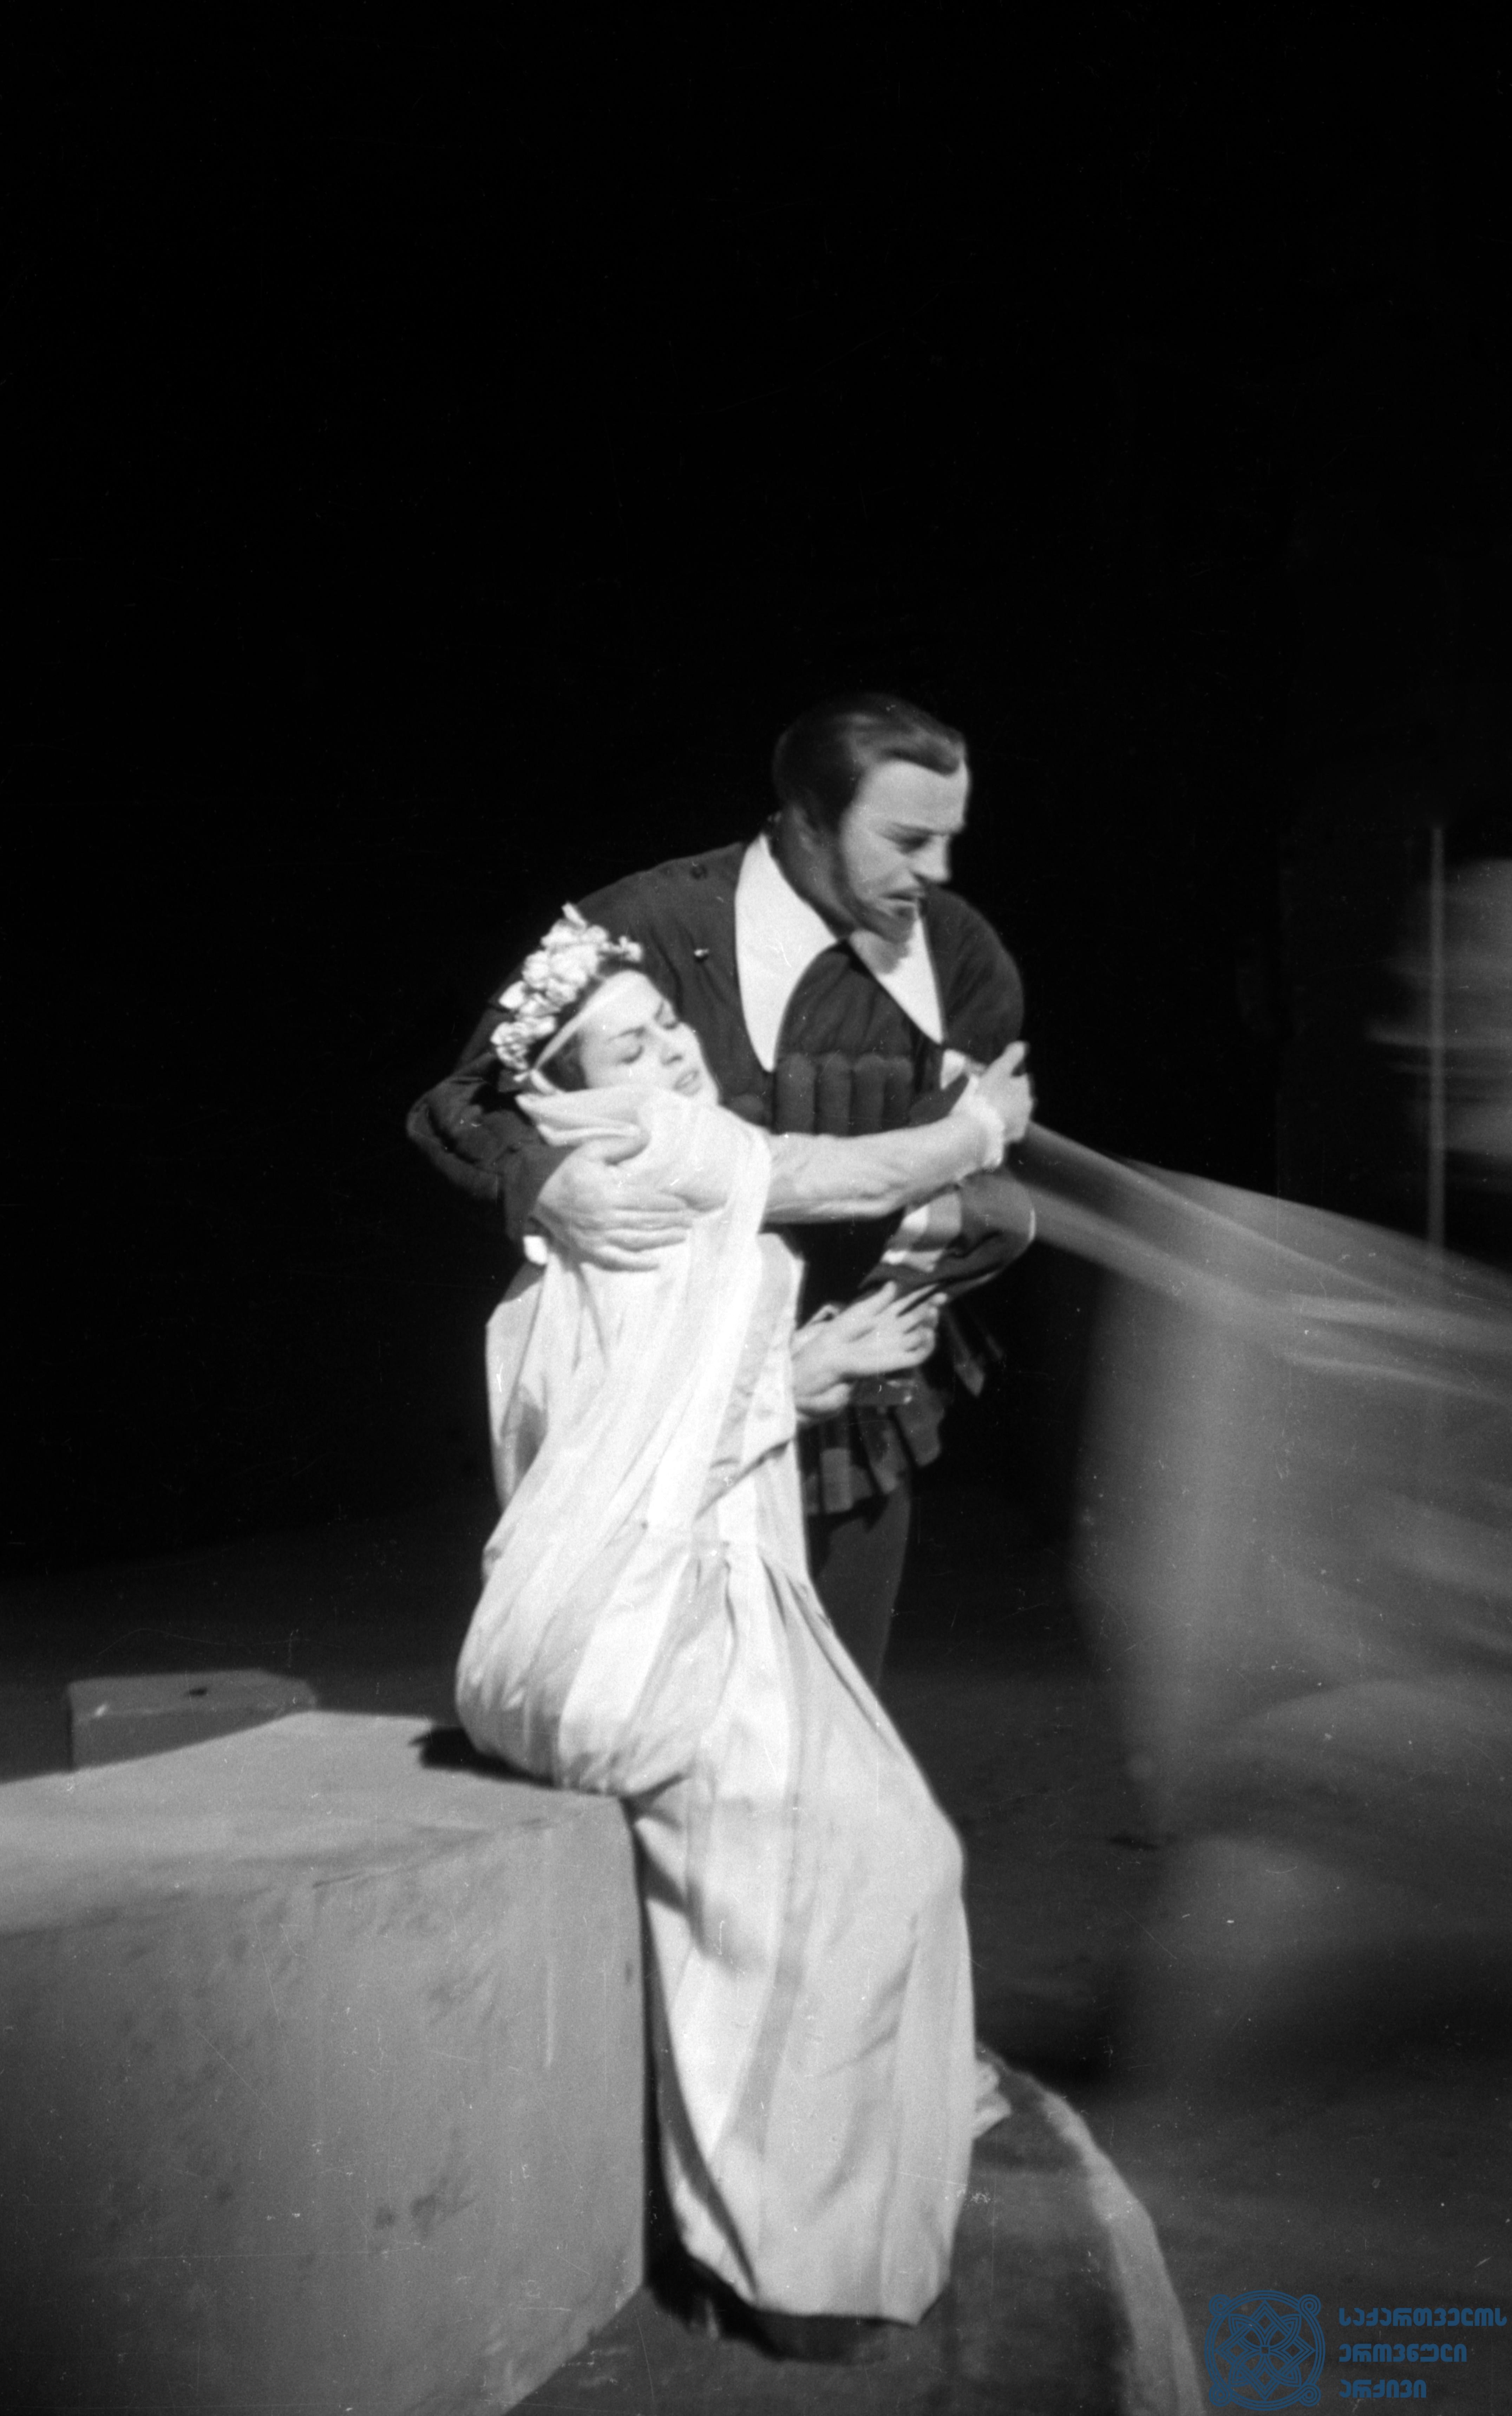 """მარჯანიშვილის სახელობის აკადემიური თეატრის სპექტაკლი """"ურიელ აკოსტა"""". <br> ივდითი – დოდო ჭიჭინაძე, აკოსტა – პიერ კობახიძე. <br> 1958 წელი. <br> The Marjanishvili Academic Theater performance """"Uriel Acosta"""". <br> Dodo Chichinadze as Ivdit, Pier Kobakhidze as Acosta.<br> 1958."""